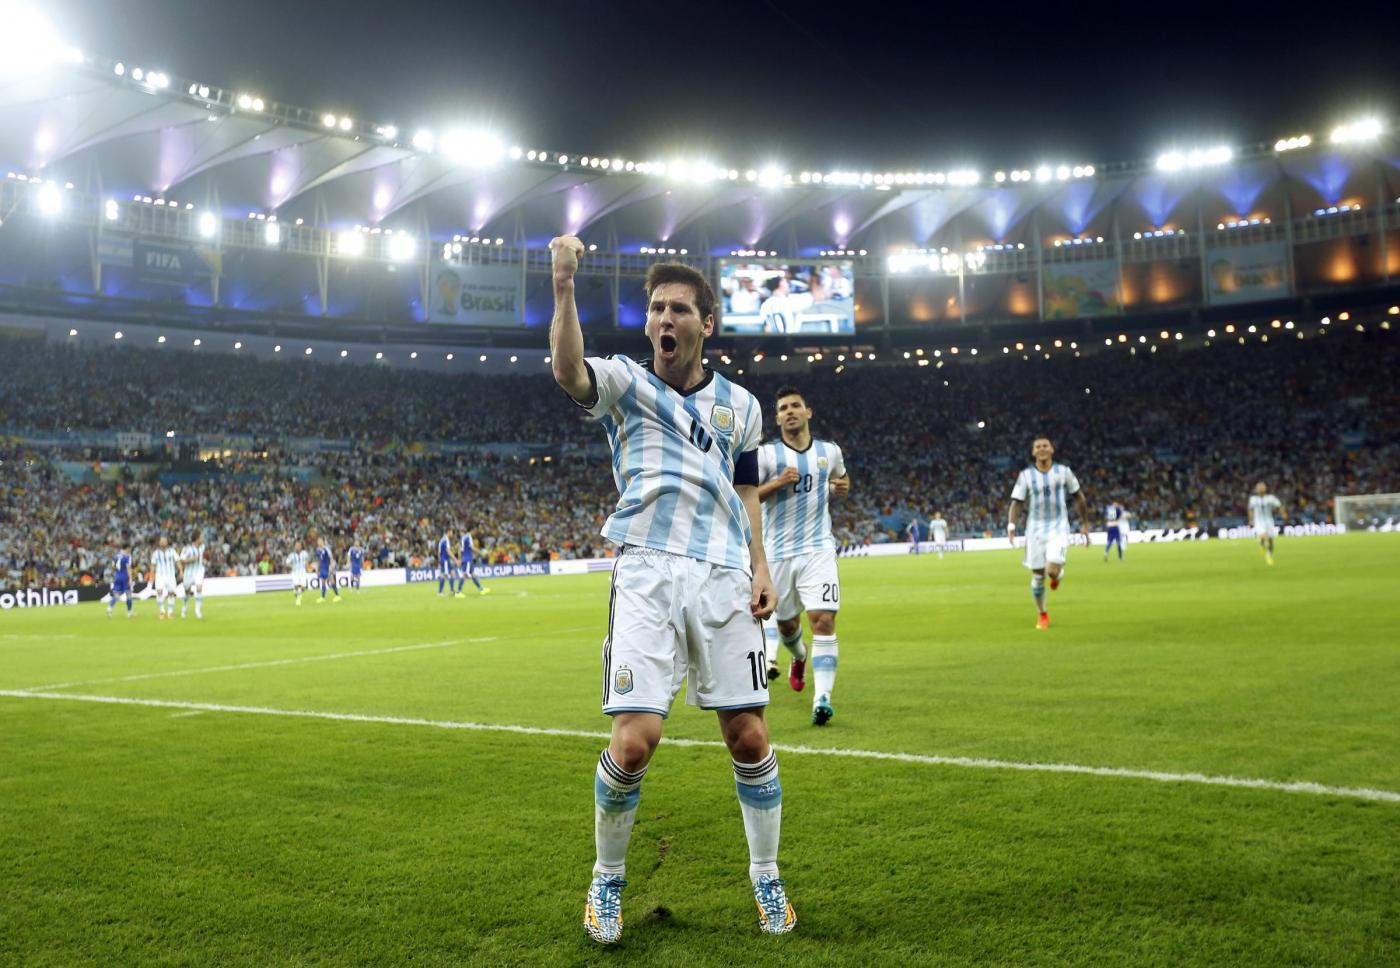 Leo Messi Mondiali Brasile 2014